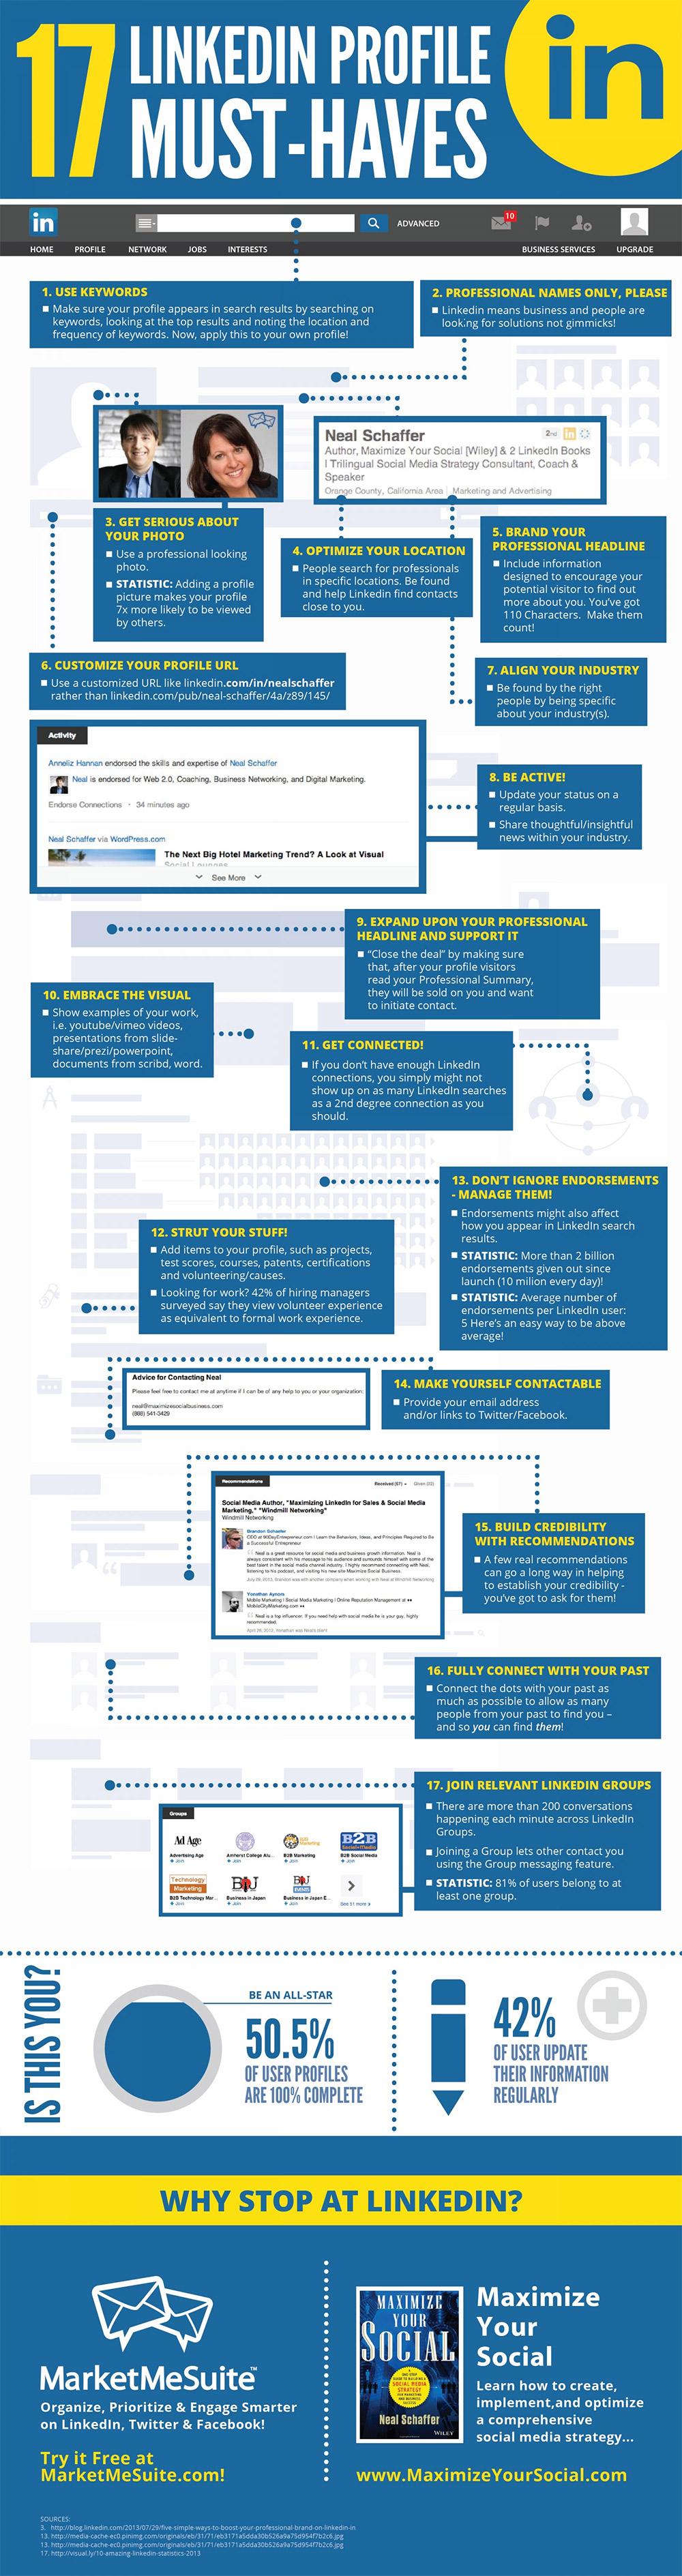 linkedin-profile-tips